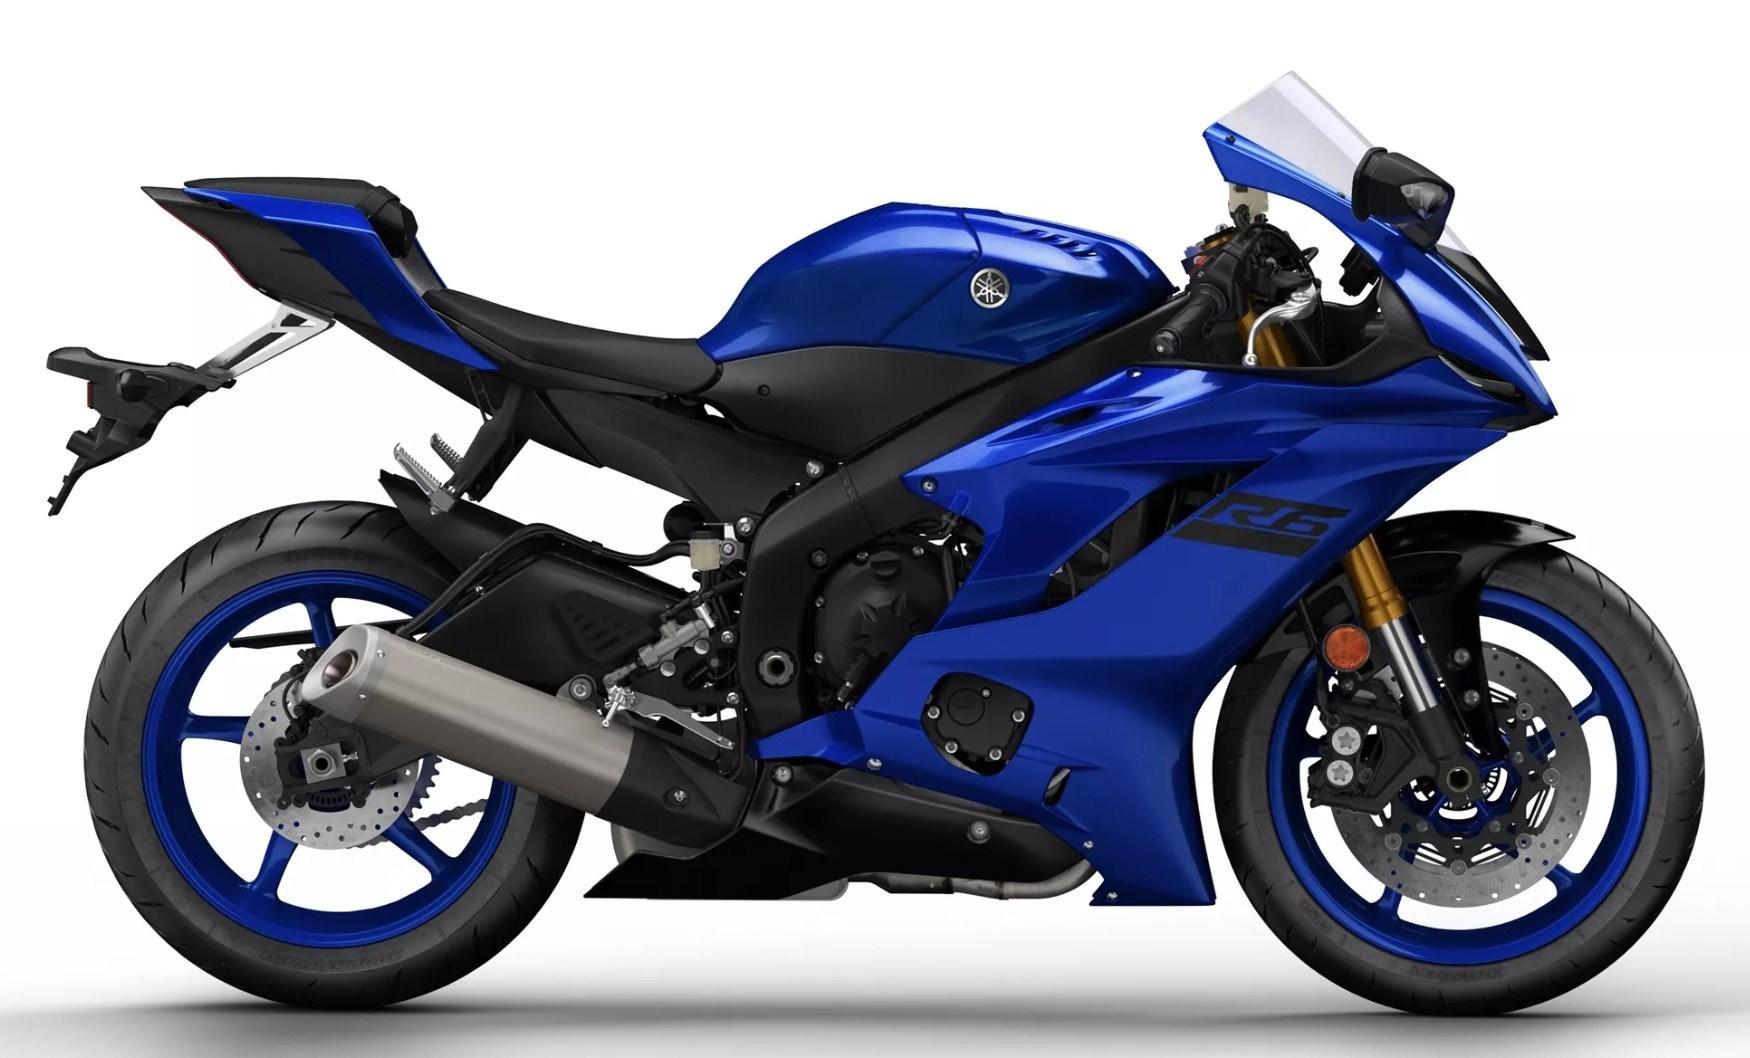 Yamaha YZF-R25 tăng sức mạnh đáng nể với động cơ 4 xy lanh mới